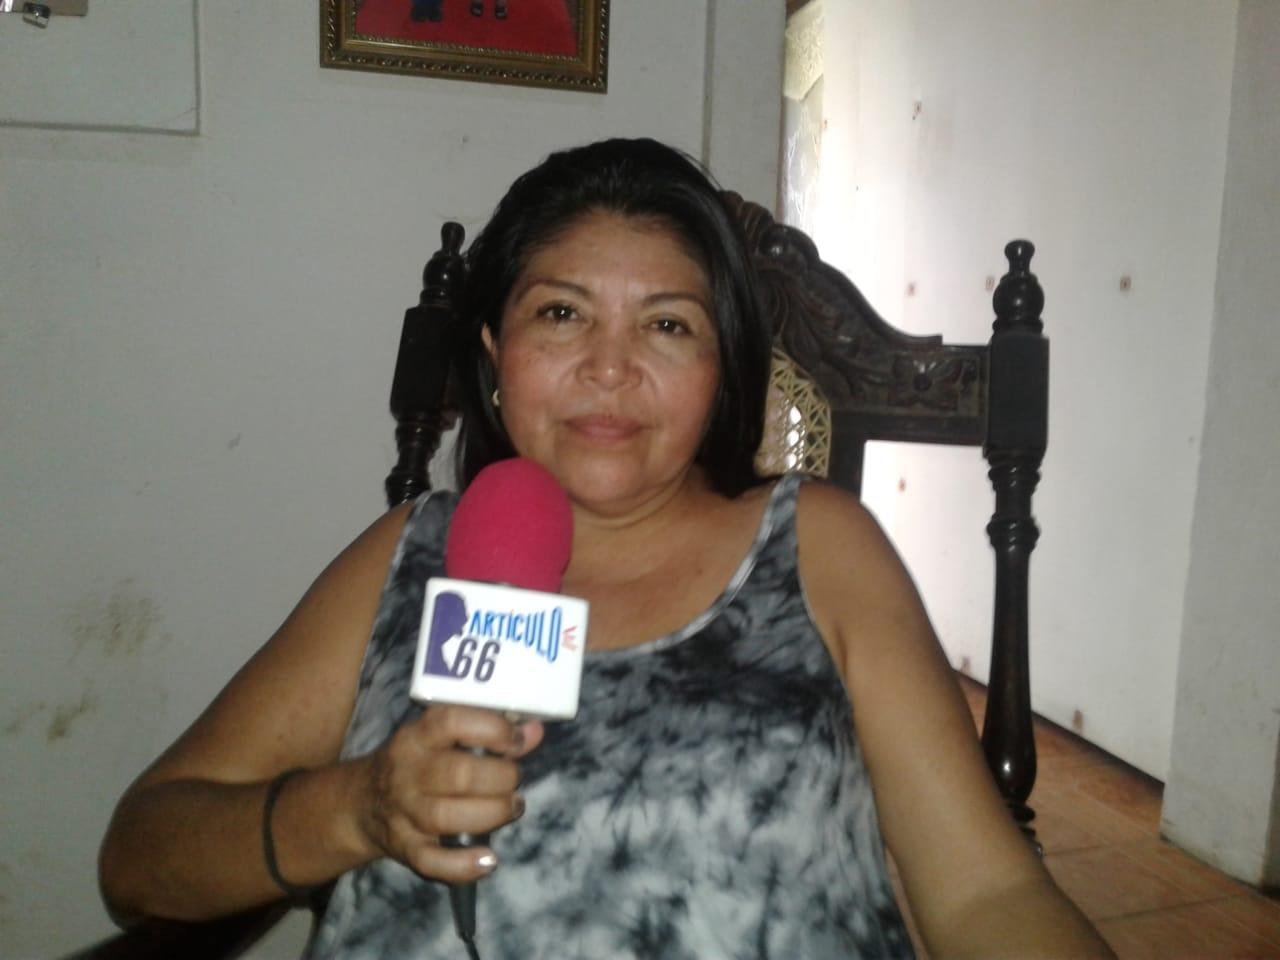 Régimen de Ortega secuestró por cinco días a concejal liberal de Masaya. Foto: N. Miranda / Artículo 66